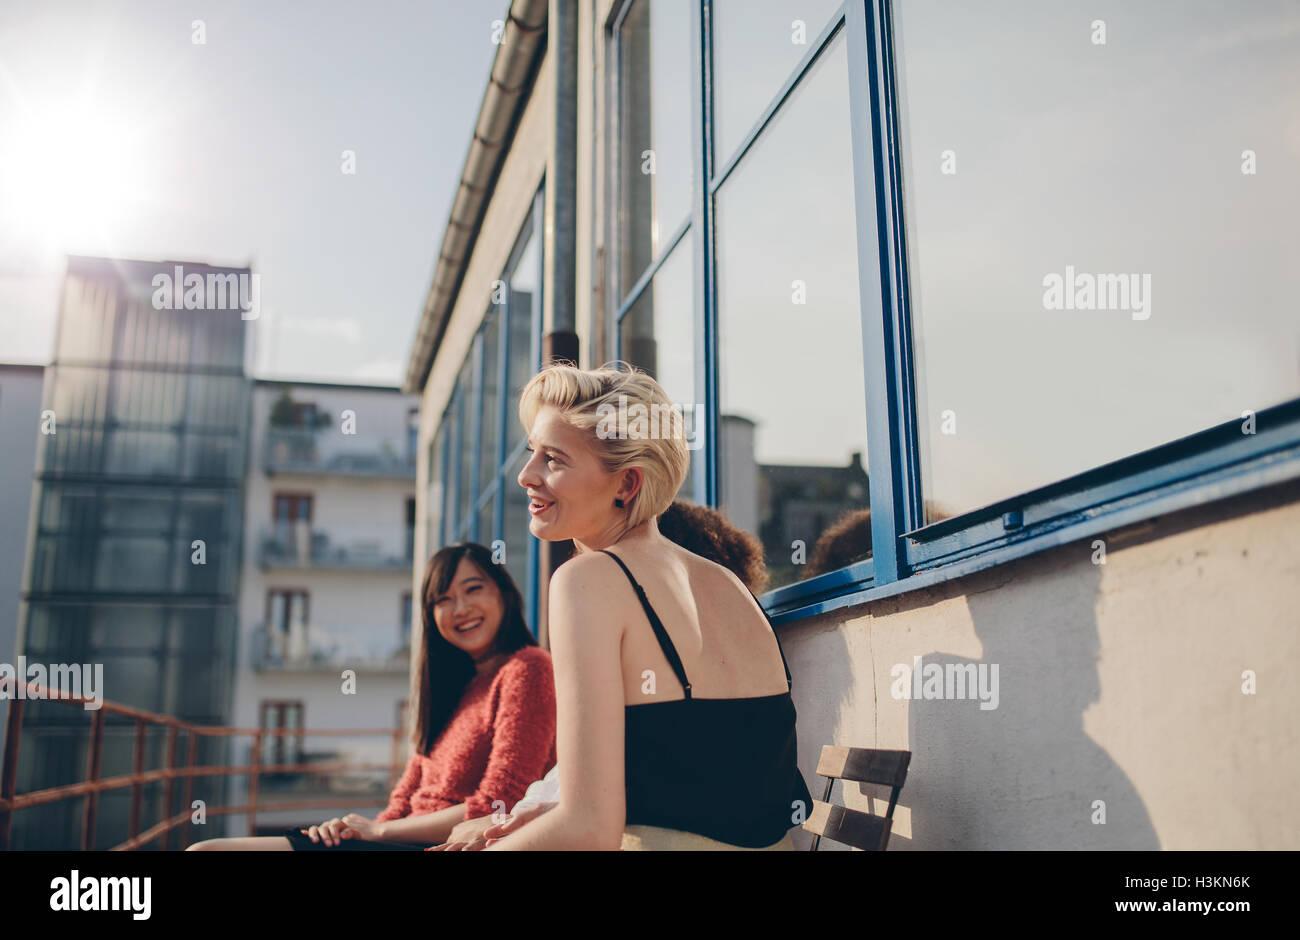 Tre giovani donne seduti in balcone in una giornata di sole. Amici di sesso femminile godendo del tempo libero insieme Immagini Stock